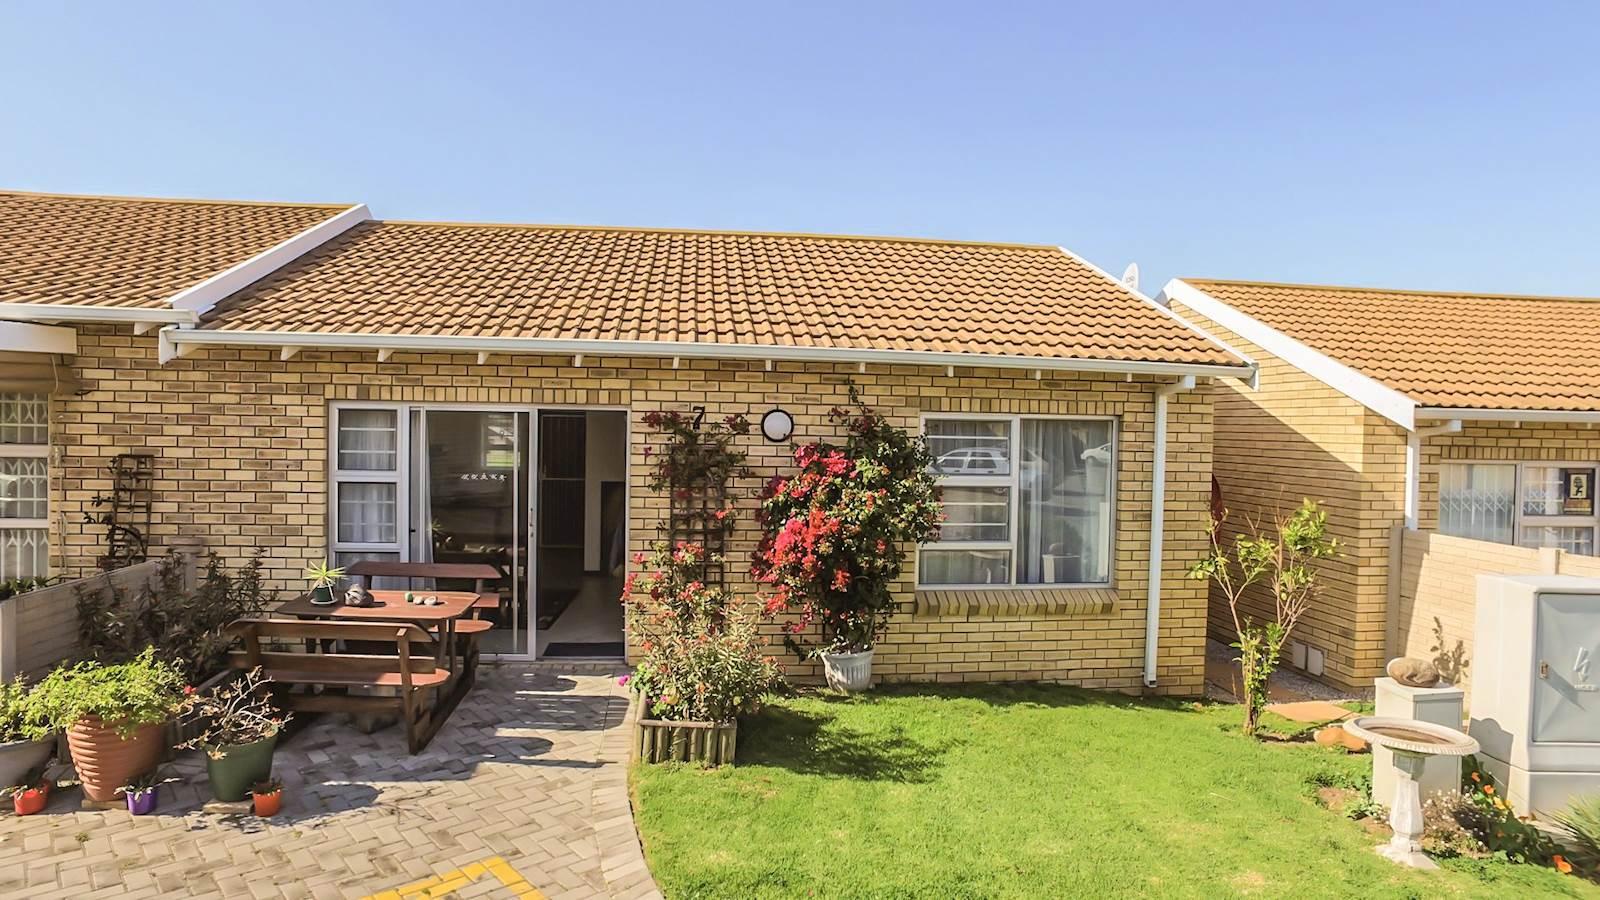 2 Bedroom Townhouse For Sale In Kabega Park T973991